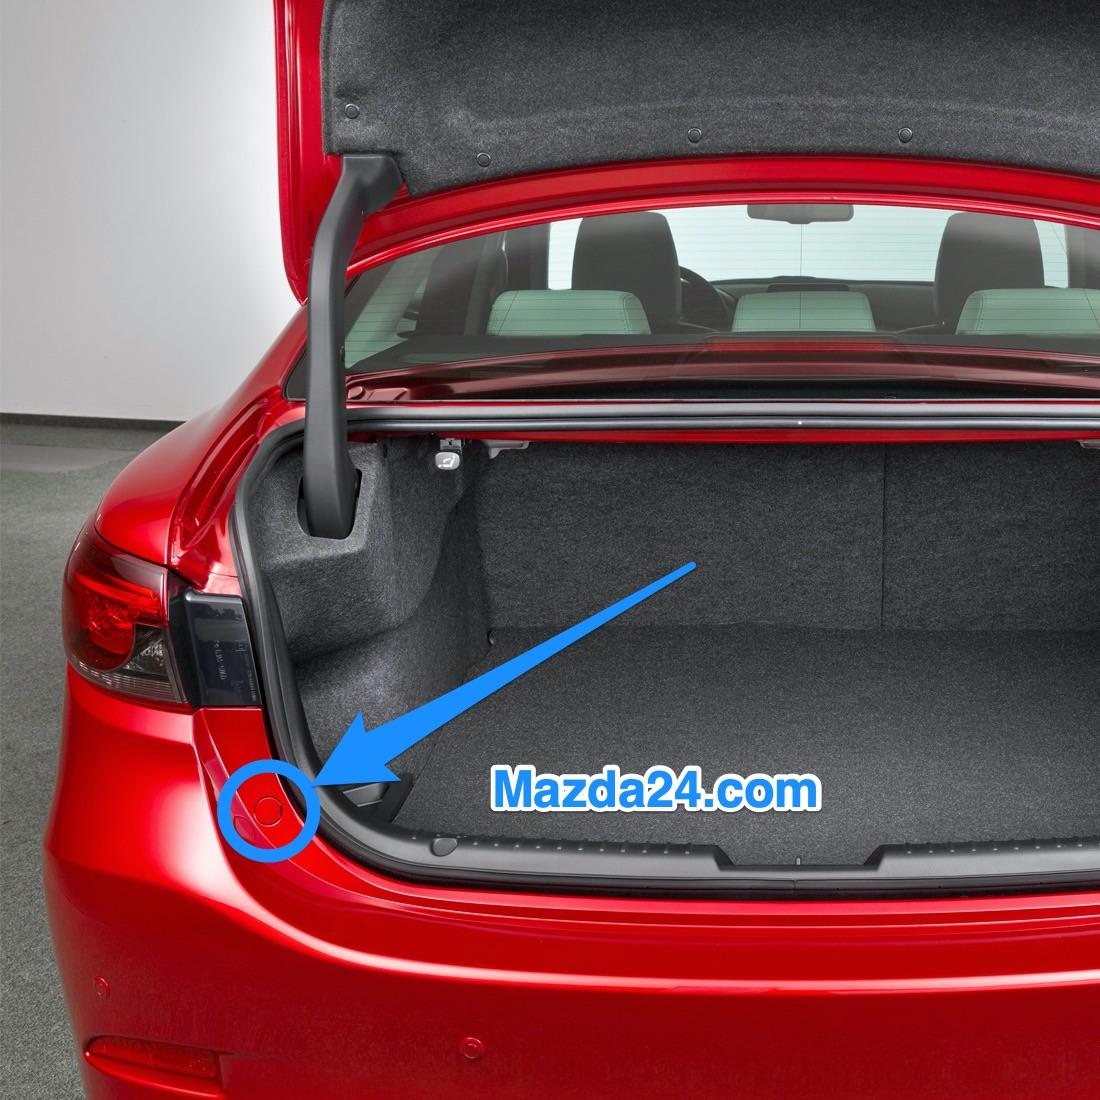 Mazda 3 BP (2019-2021) rear bumper bolt caps